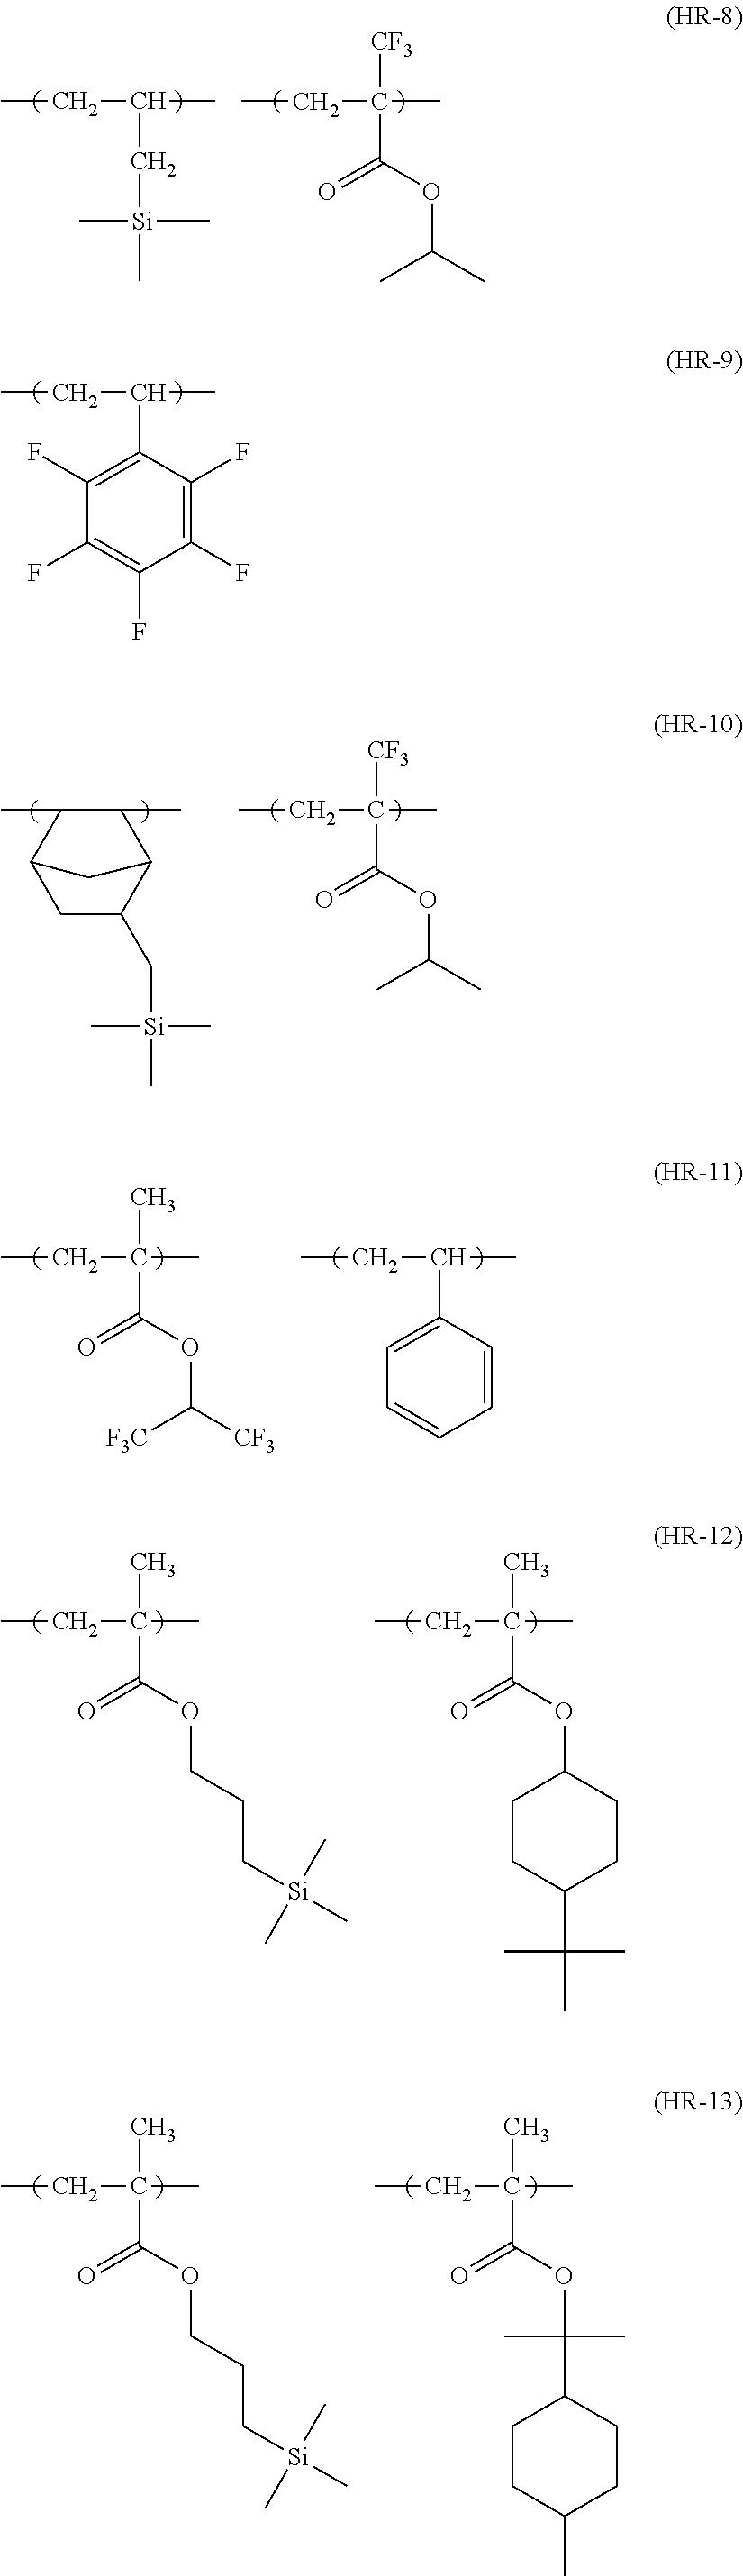 Figure US20110183258A1-20110728-C00113